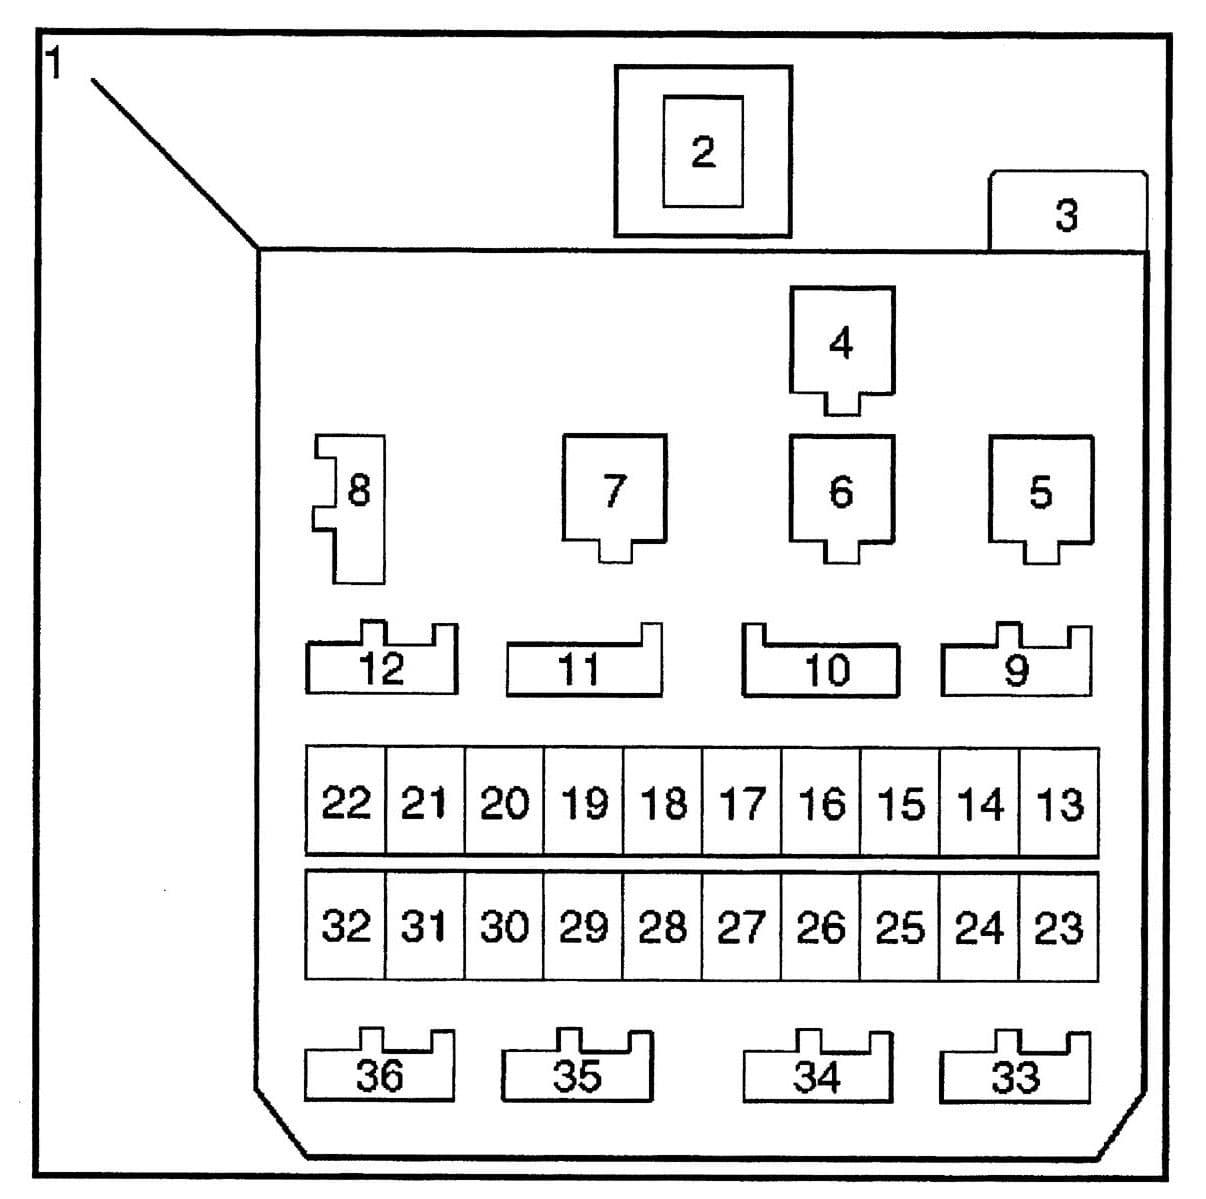 Isuzu Trooper - fuse box diagram - dash